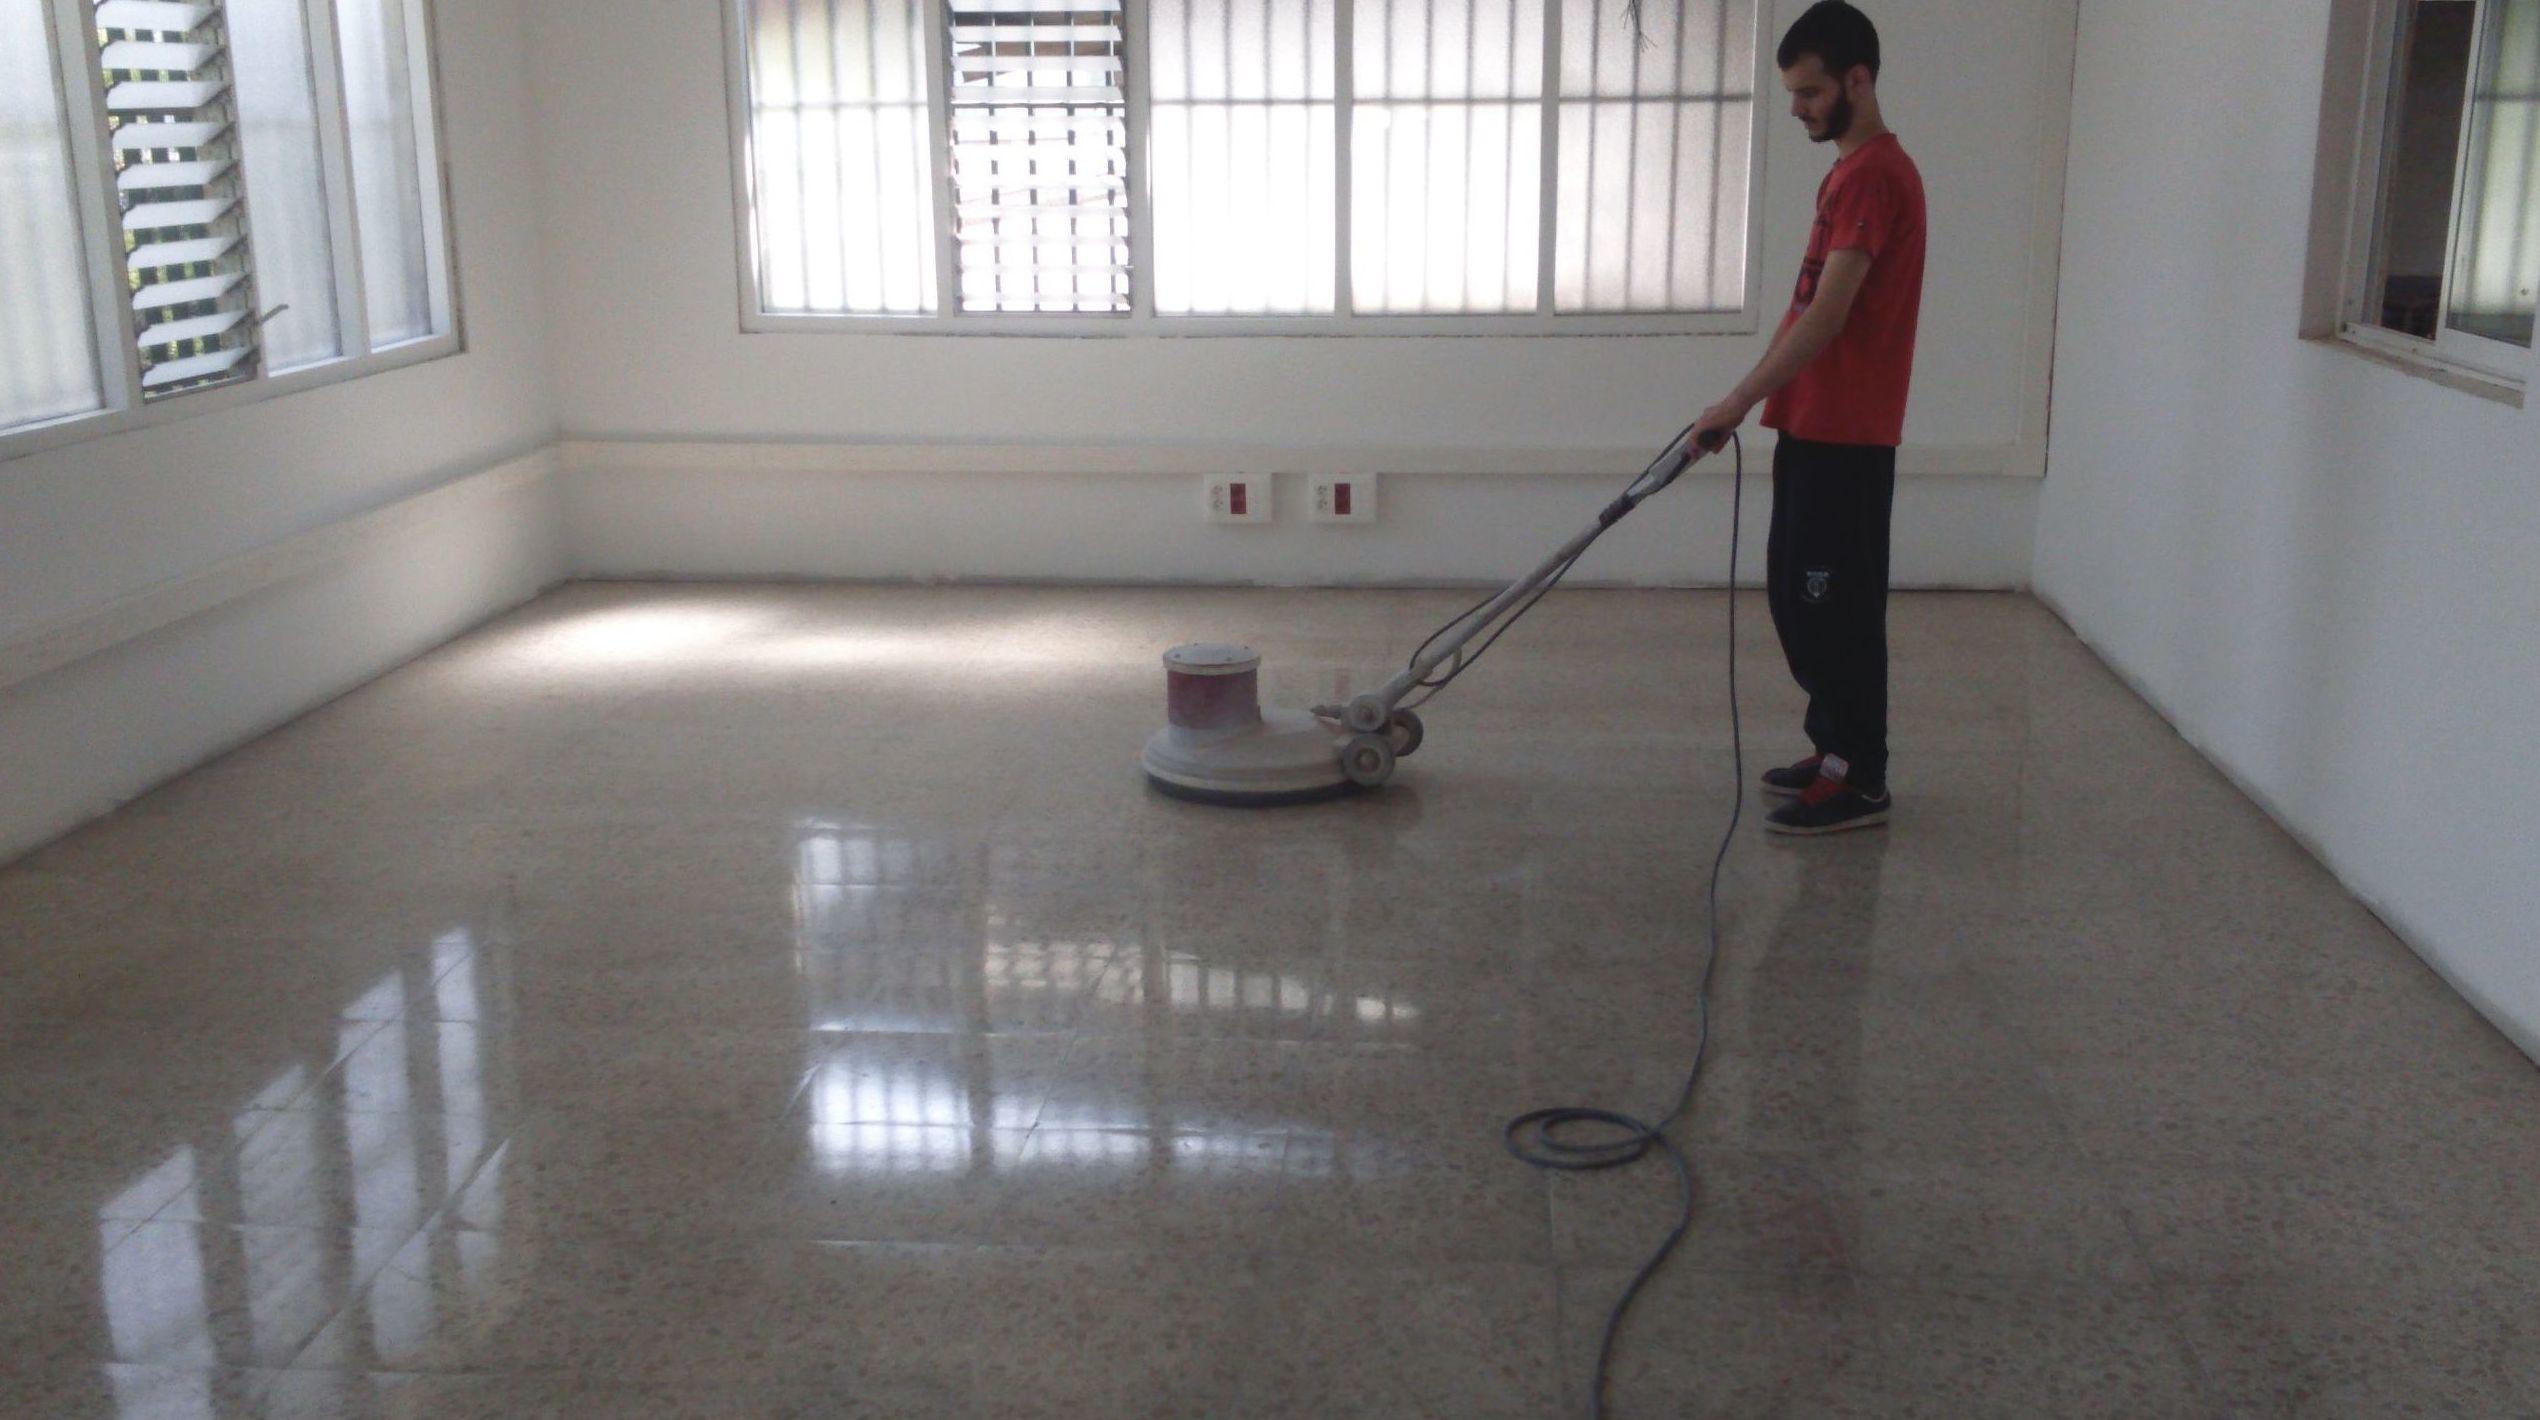 Productos y servicios: Servicios de Limpiezas Brisol